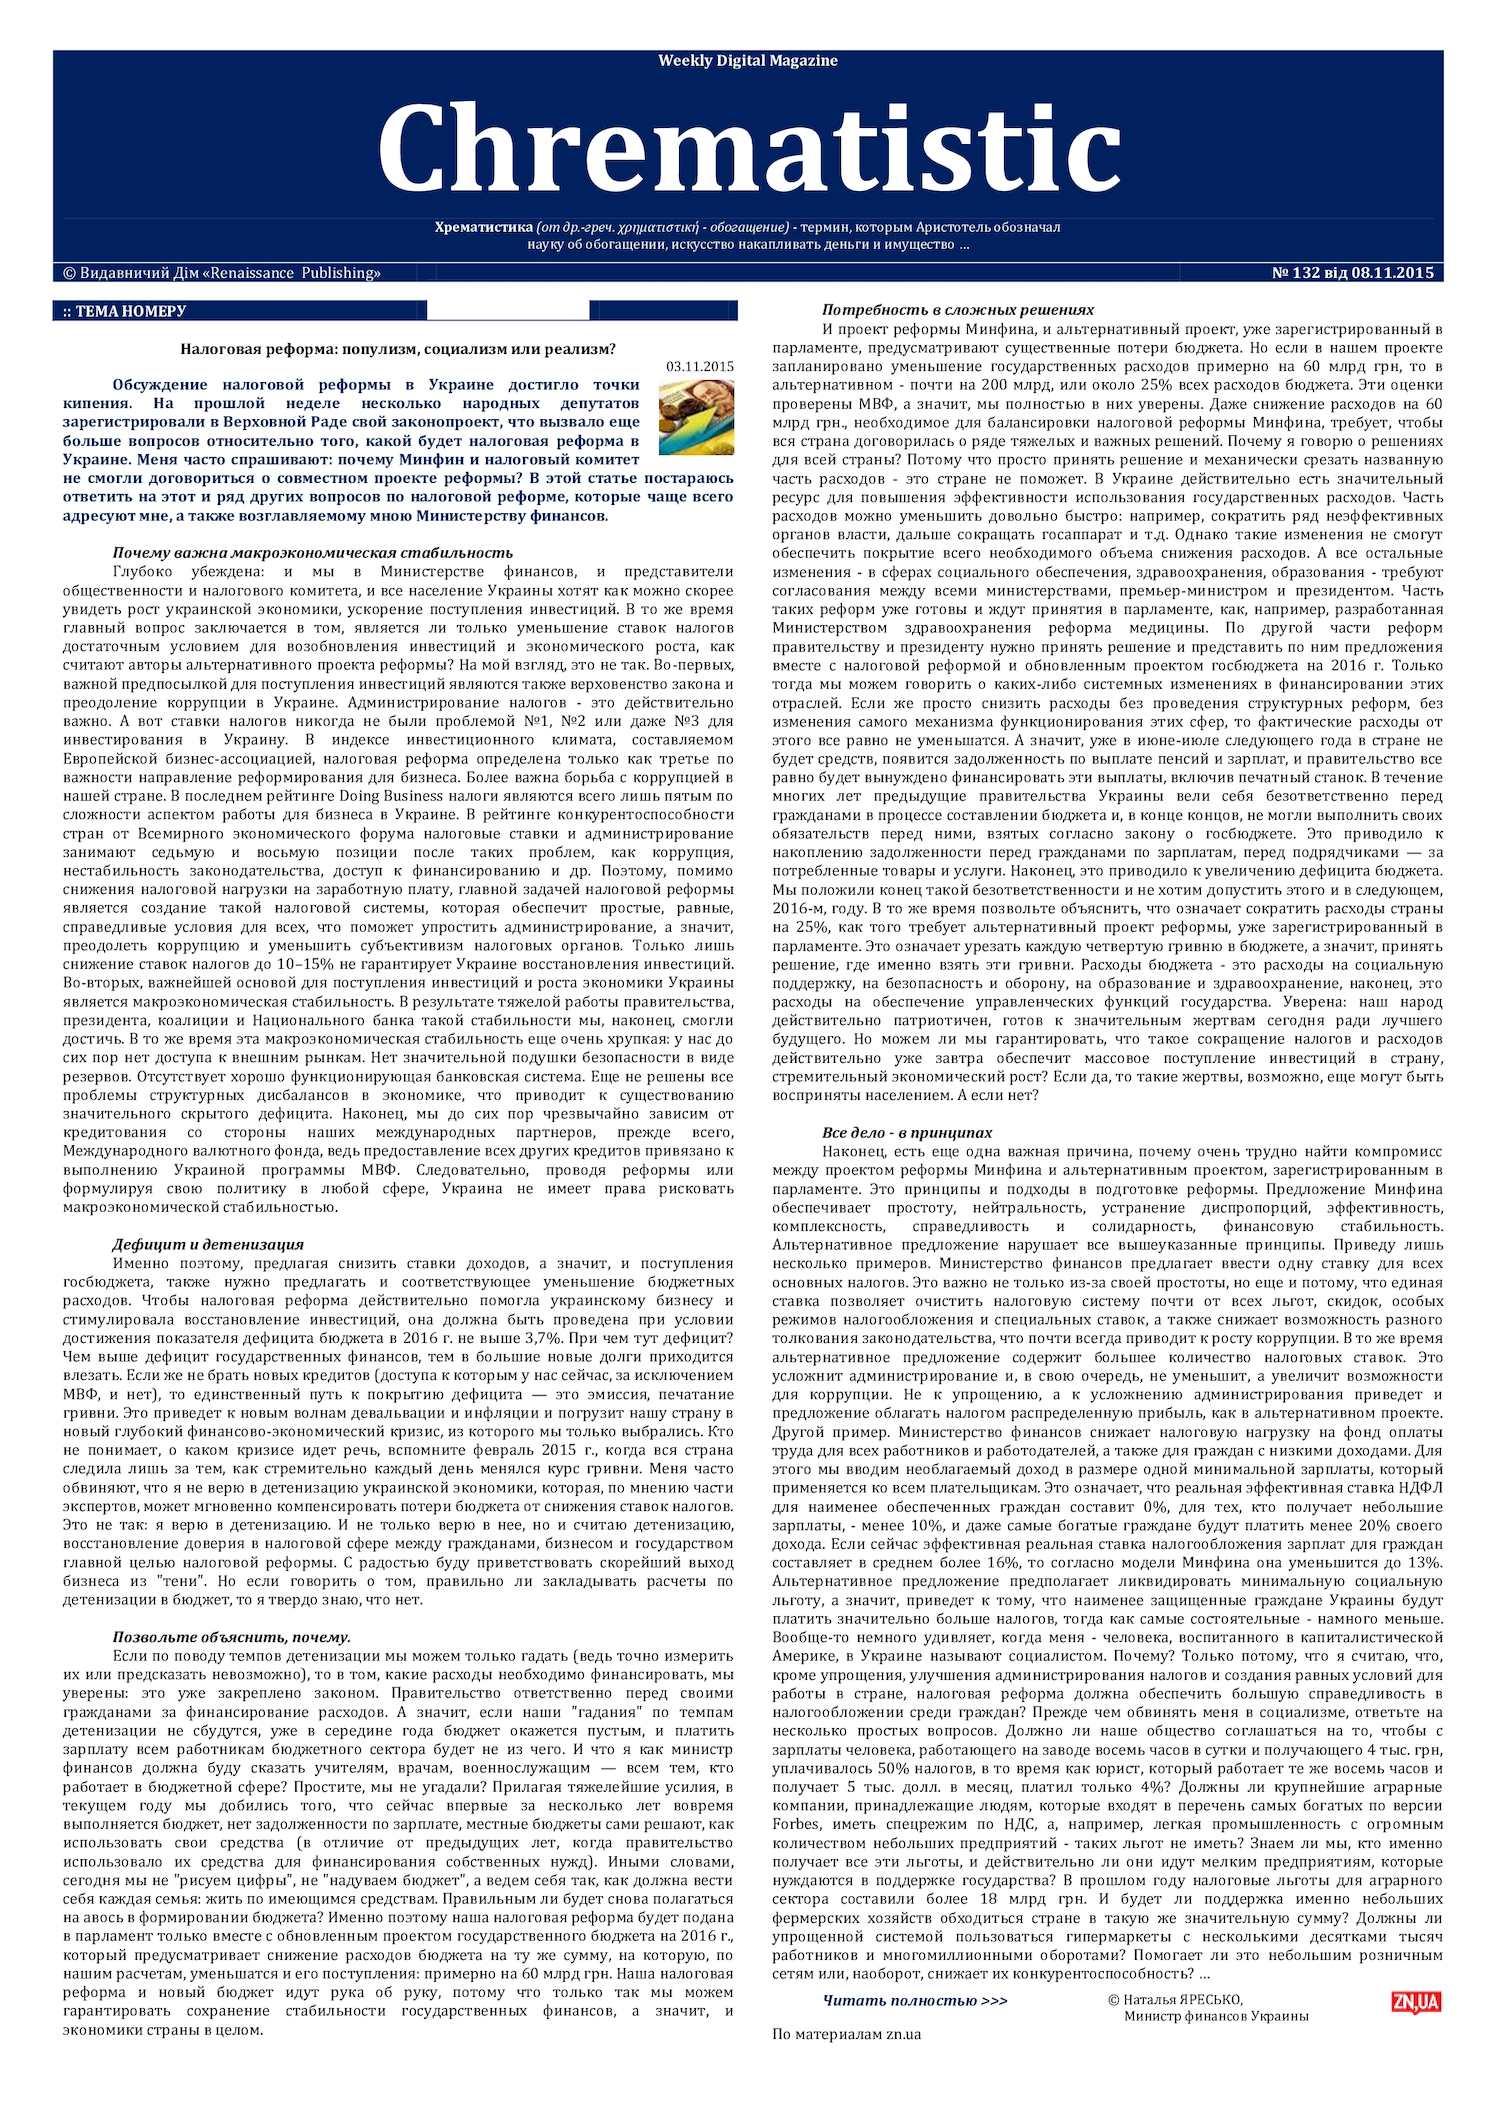 Calaméo - №132 Wdm «Chrematistic» от 08 11 2015 8a5aa2b68ceec